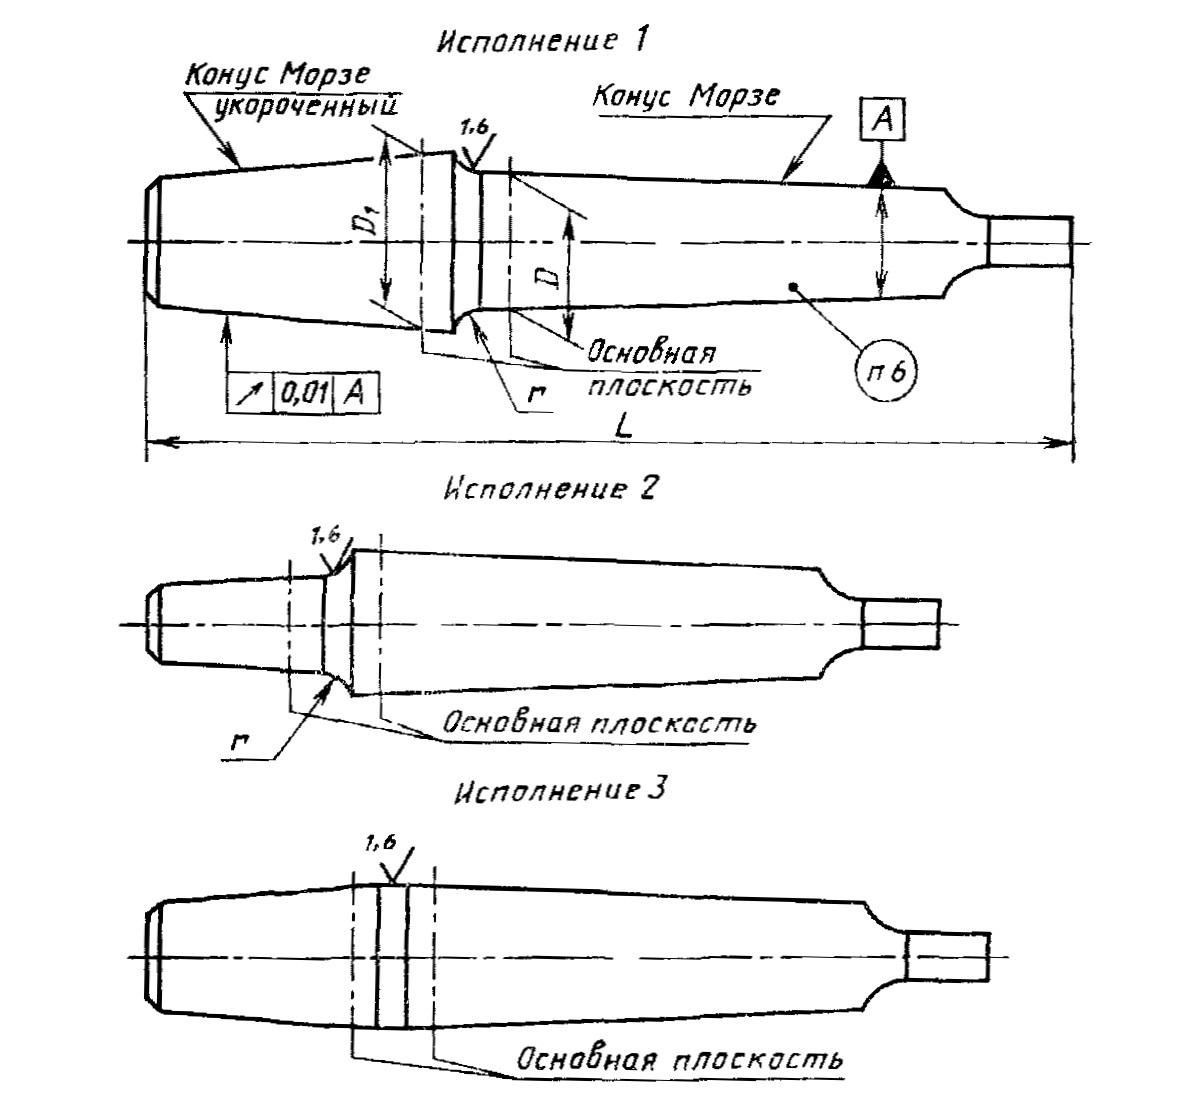 ГОСТ 2682-86 Оправки с конусом морзе для сверлильных патронов чертеж